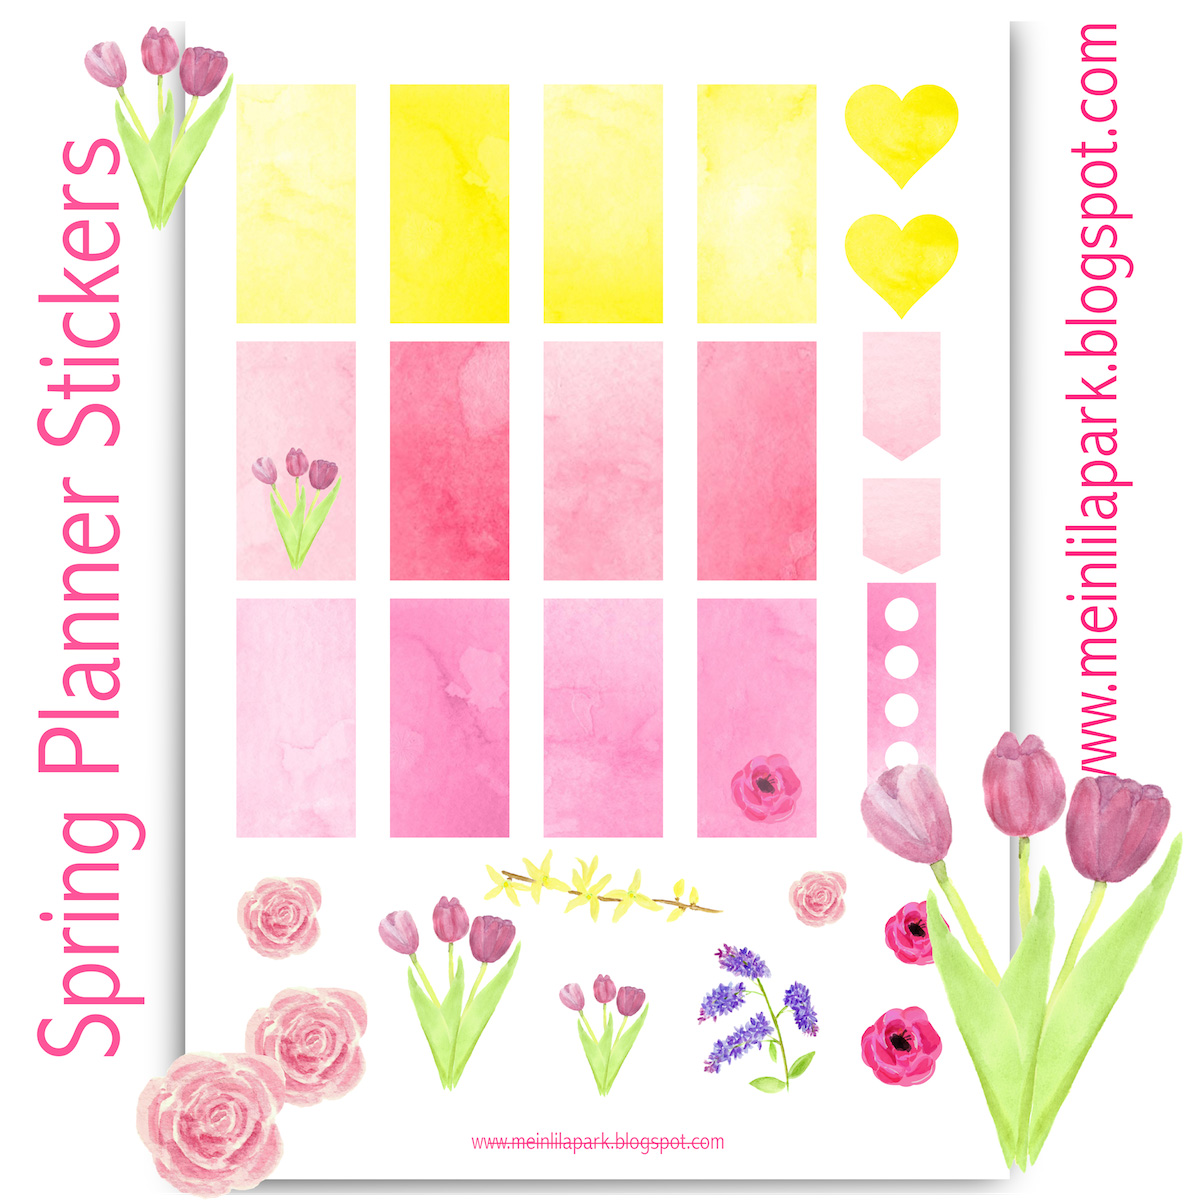 free printable spring planner stickers - ausdruckbare agendasticker